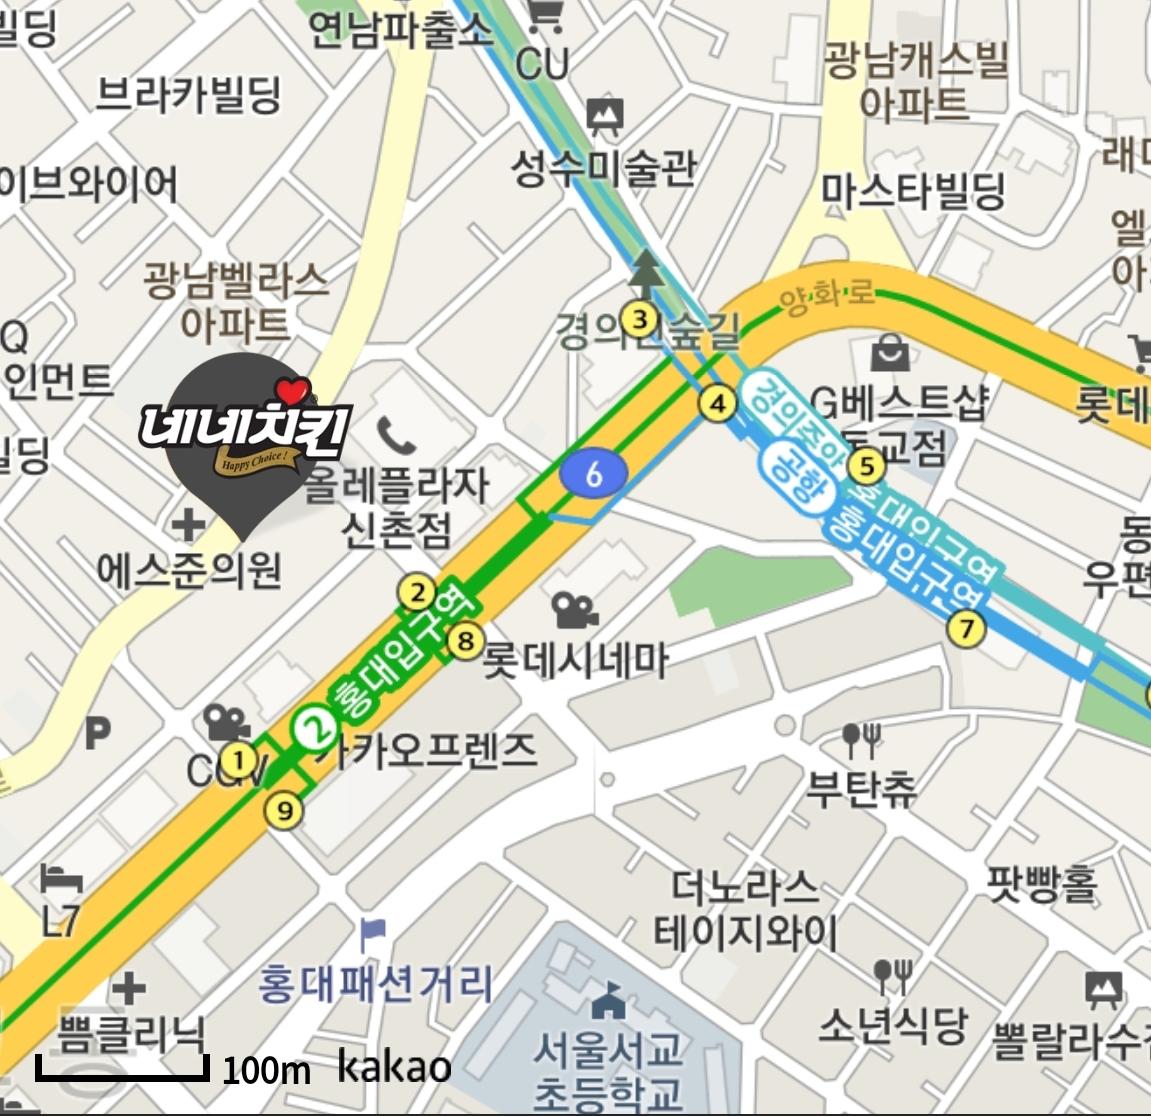 서울마포구홍대역점